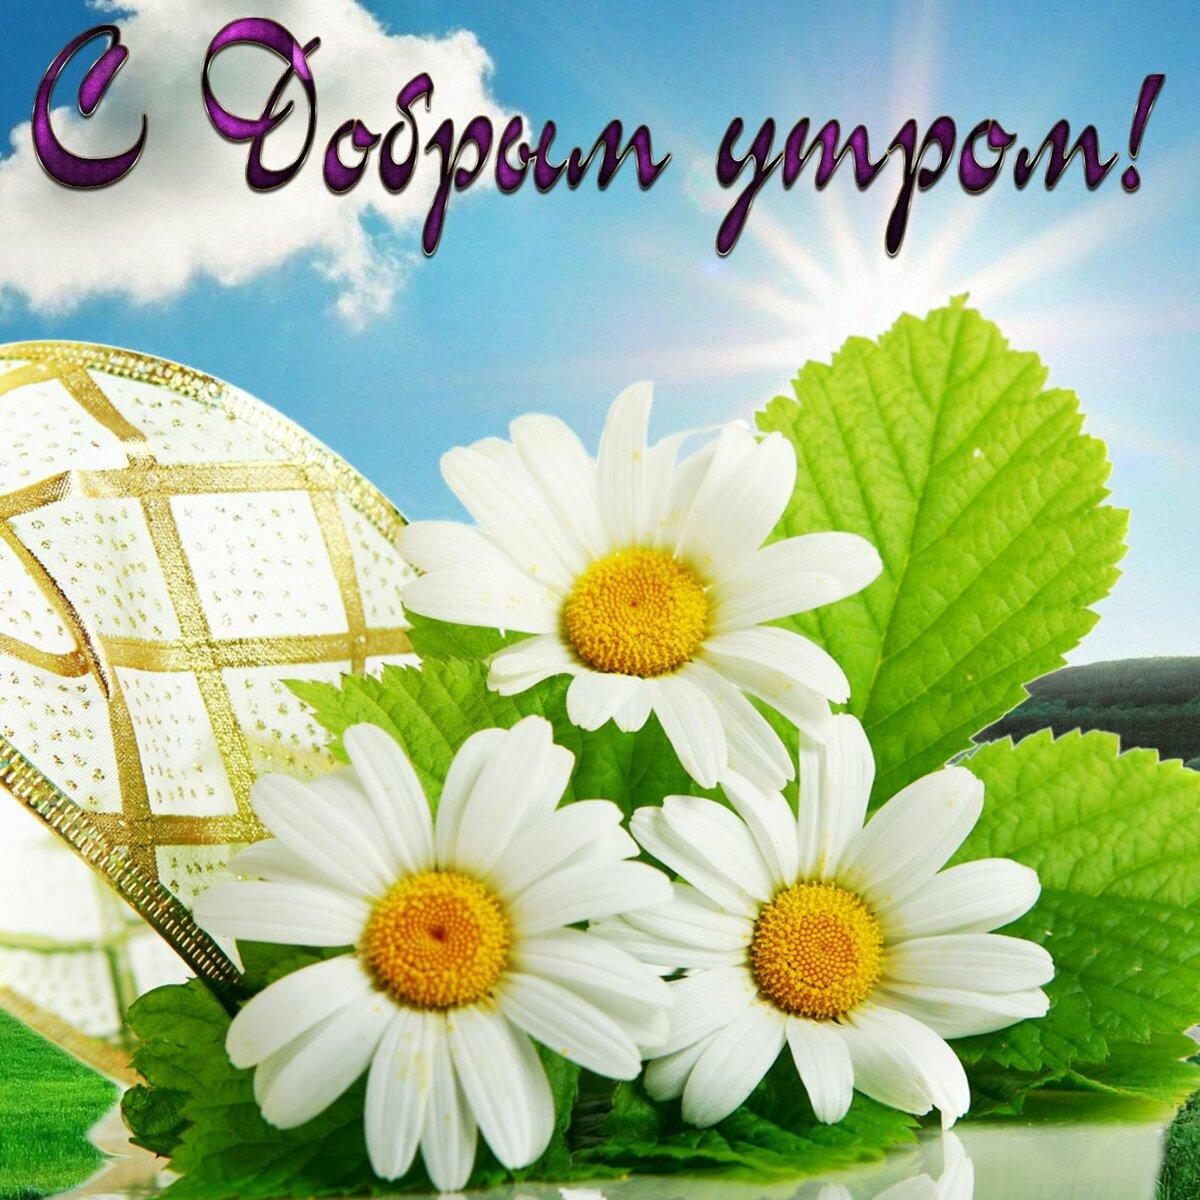 Картинки открытка, христианские картинки с надписями с добрым утром цветы